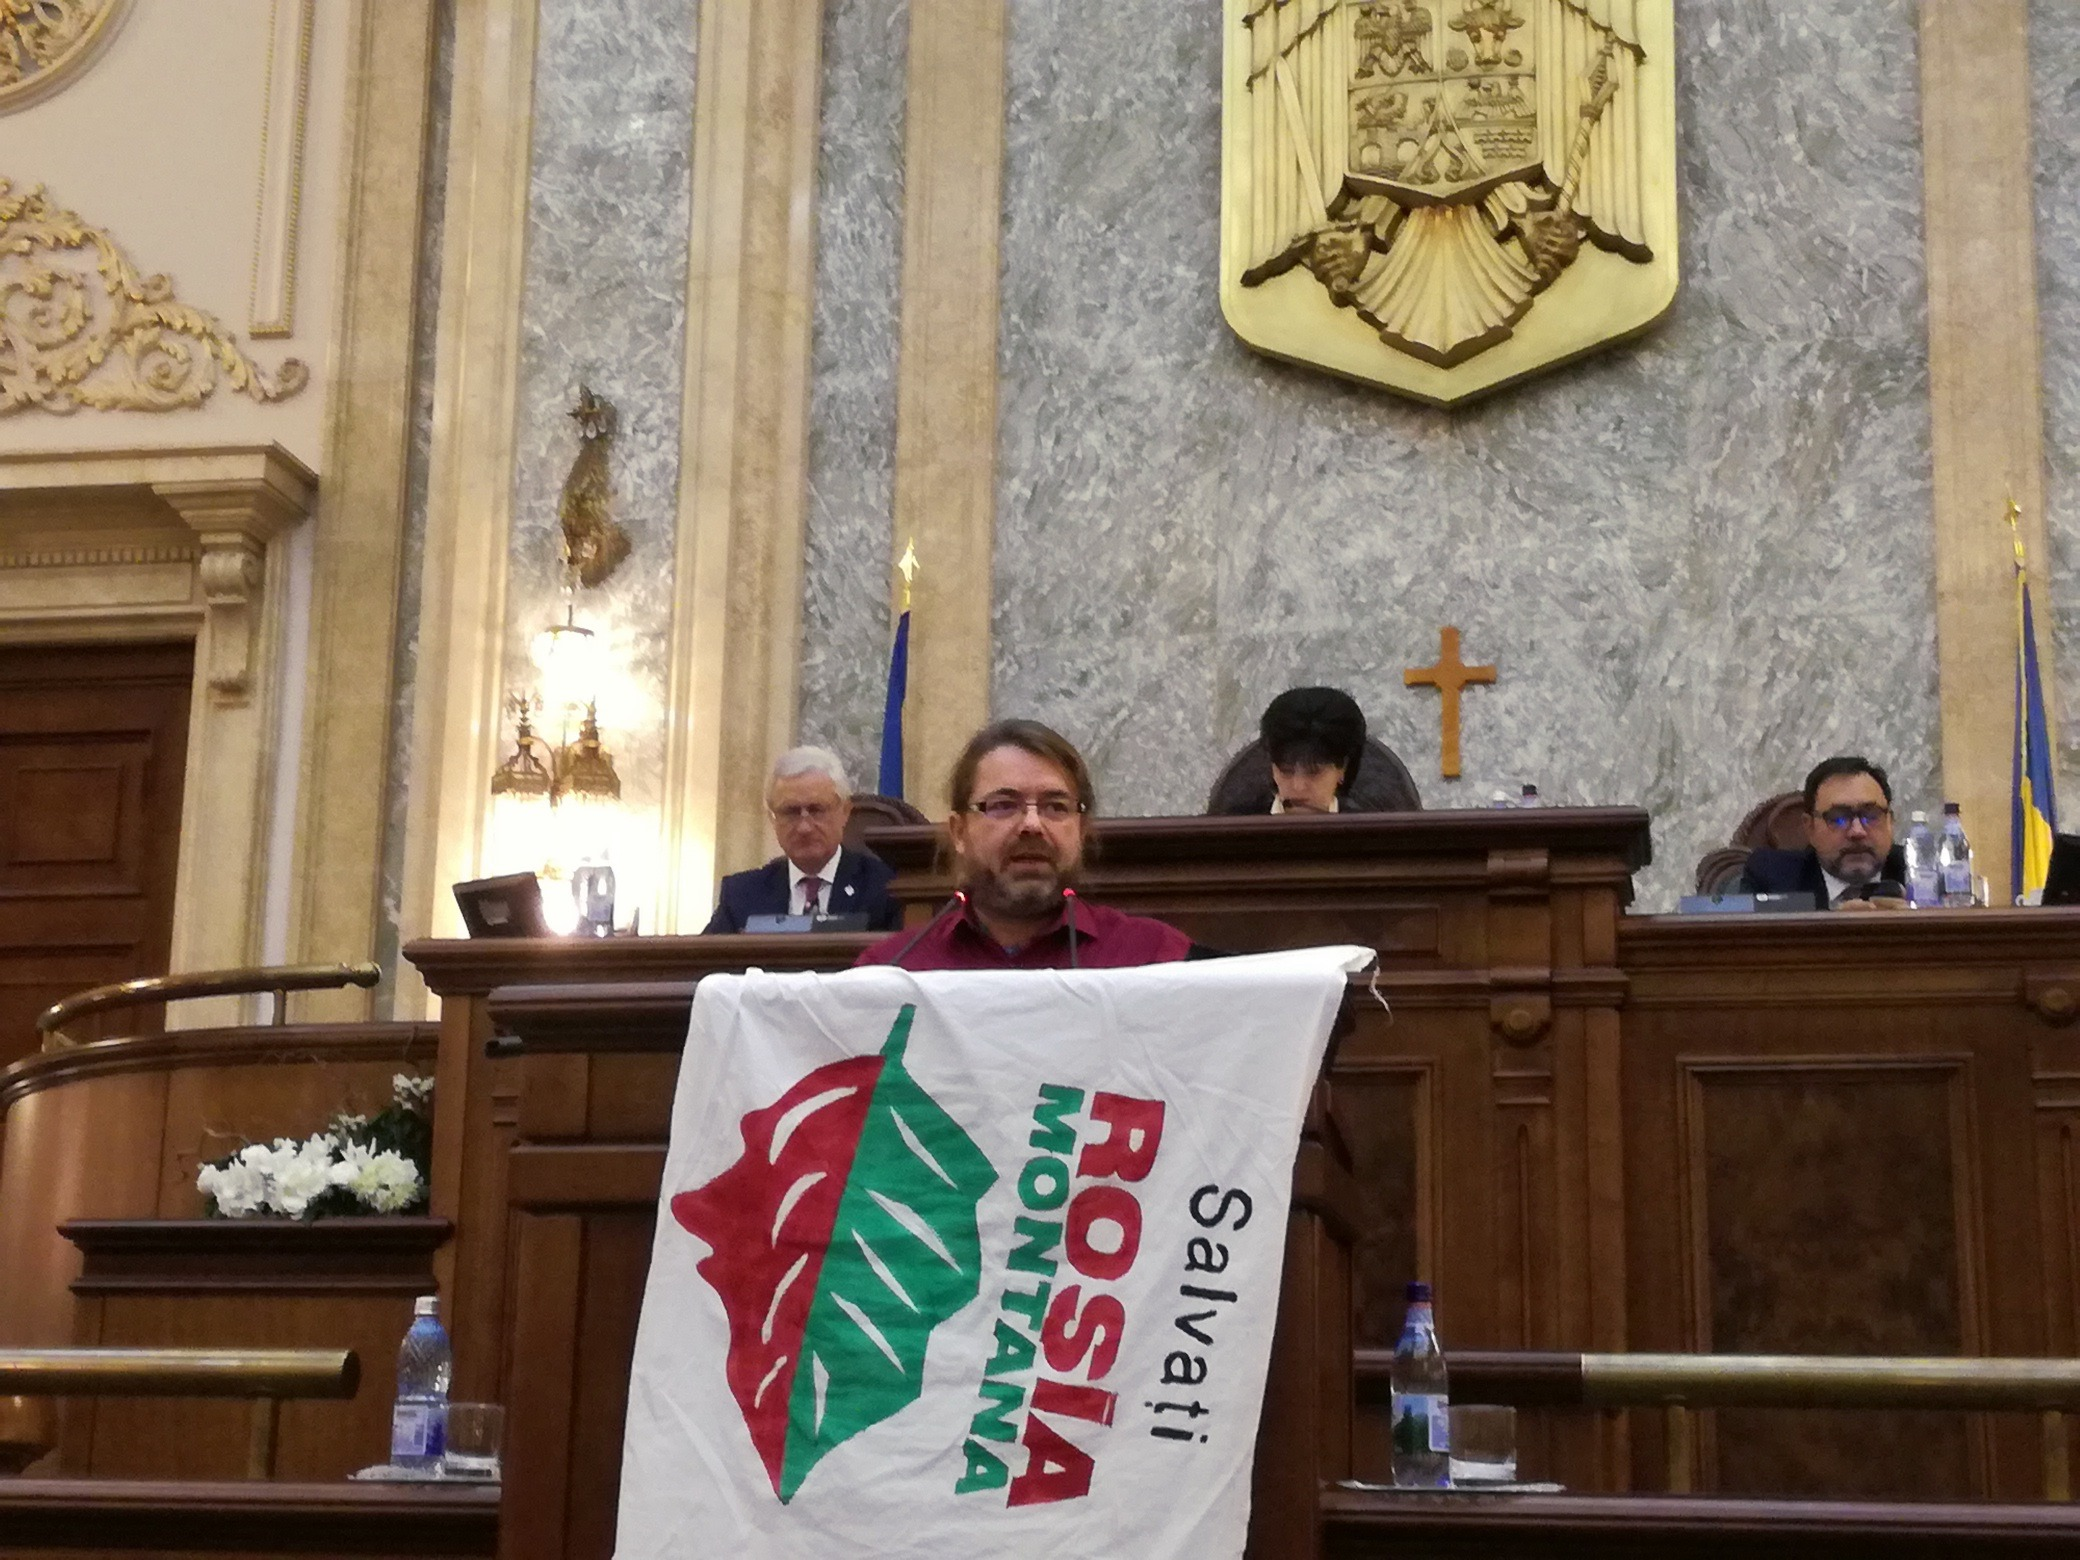 USR solicită Guvernului Orban înființarea unui Muzeu Național la Roșia Montană și alte măsuri pentru garantarea includerii localității în UNESCO